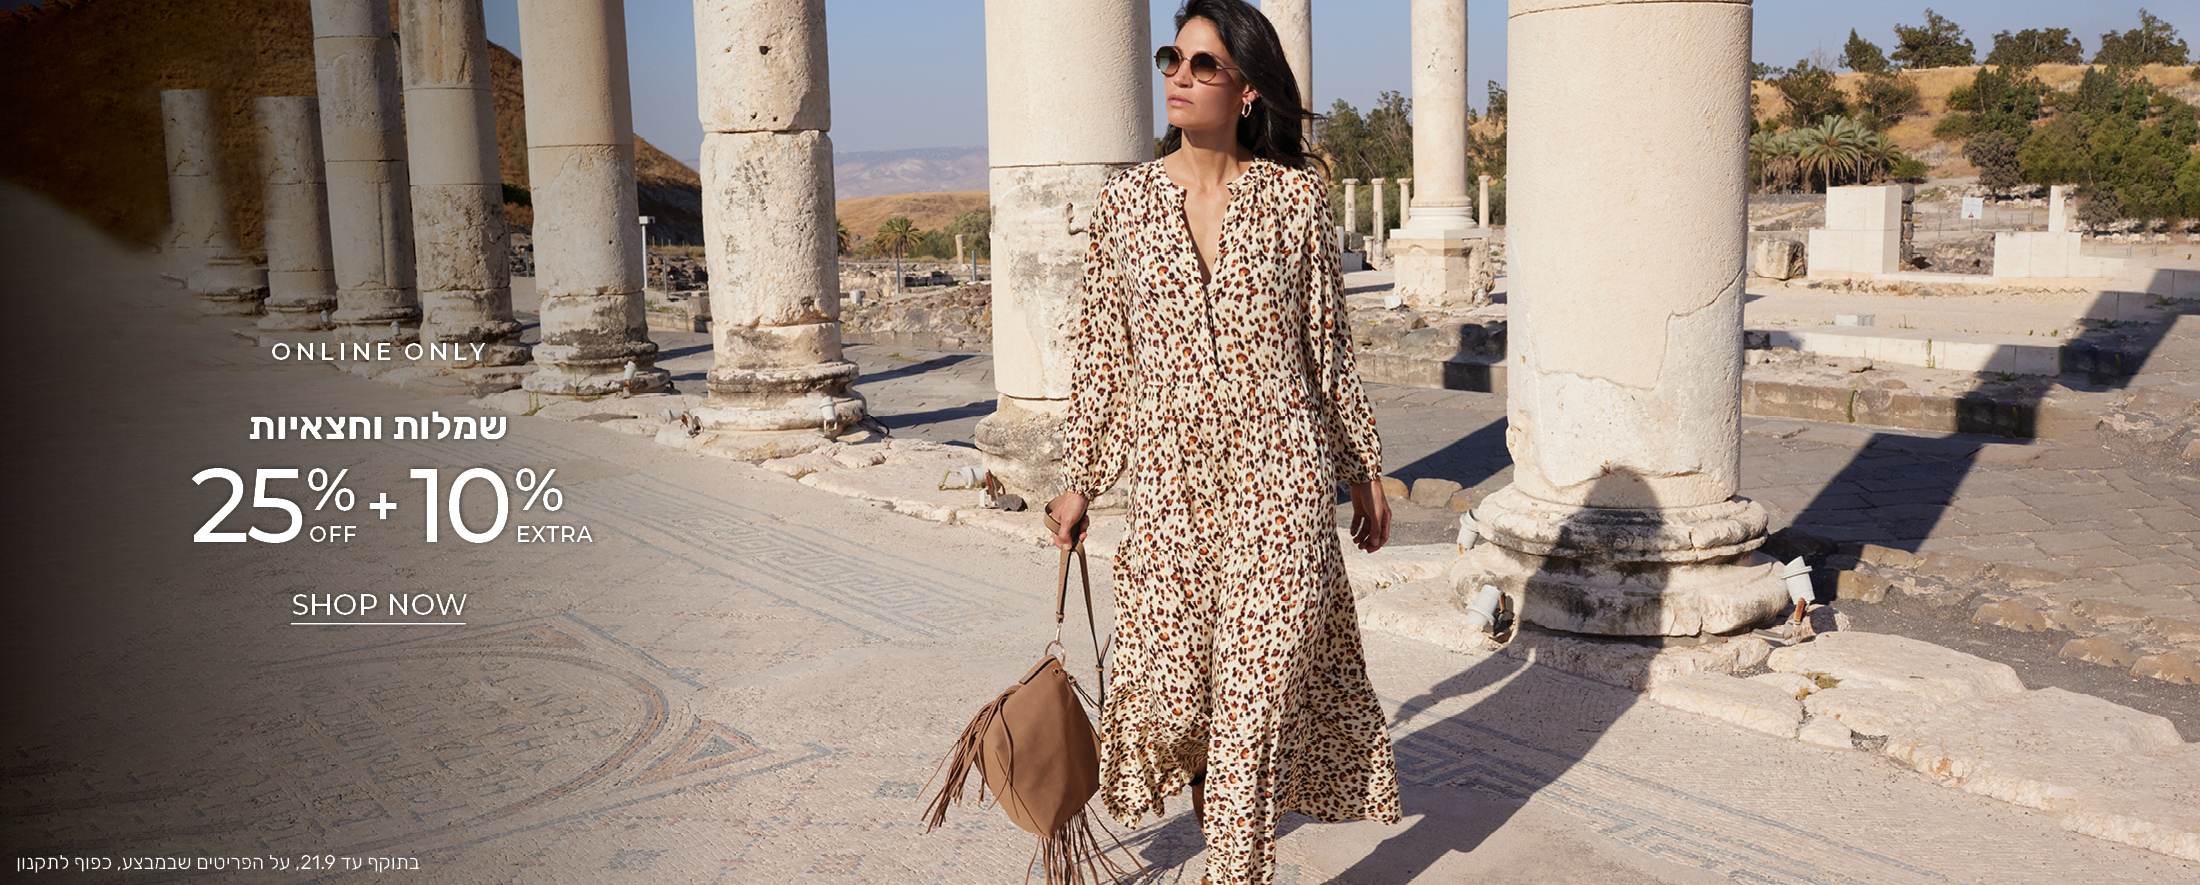 שמלות וחצאיות 25% הנחה + 10% אקסטרה